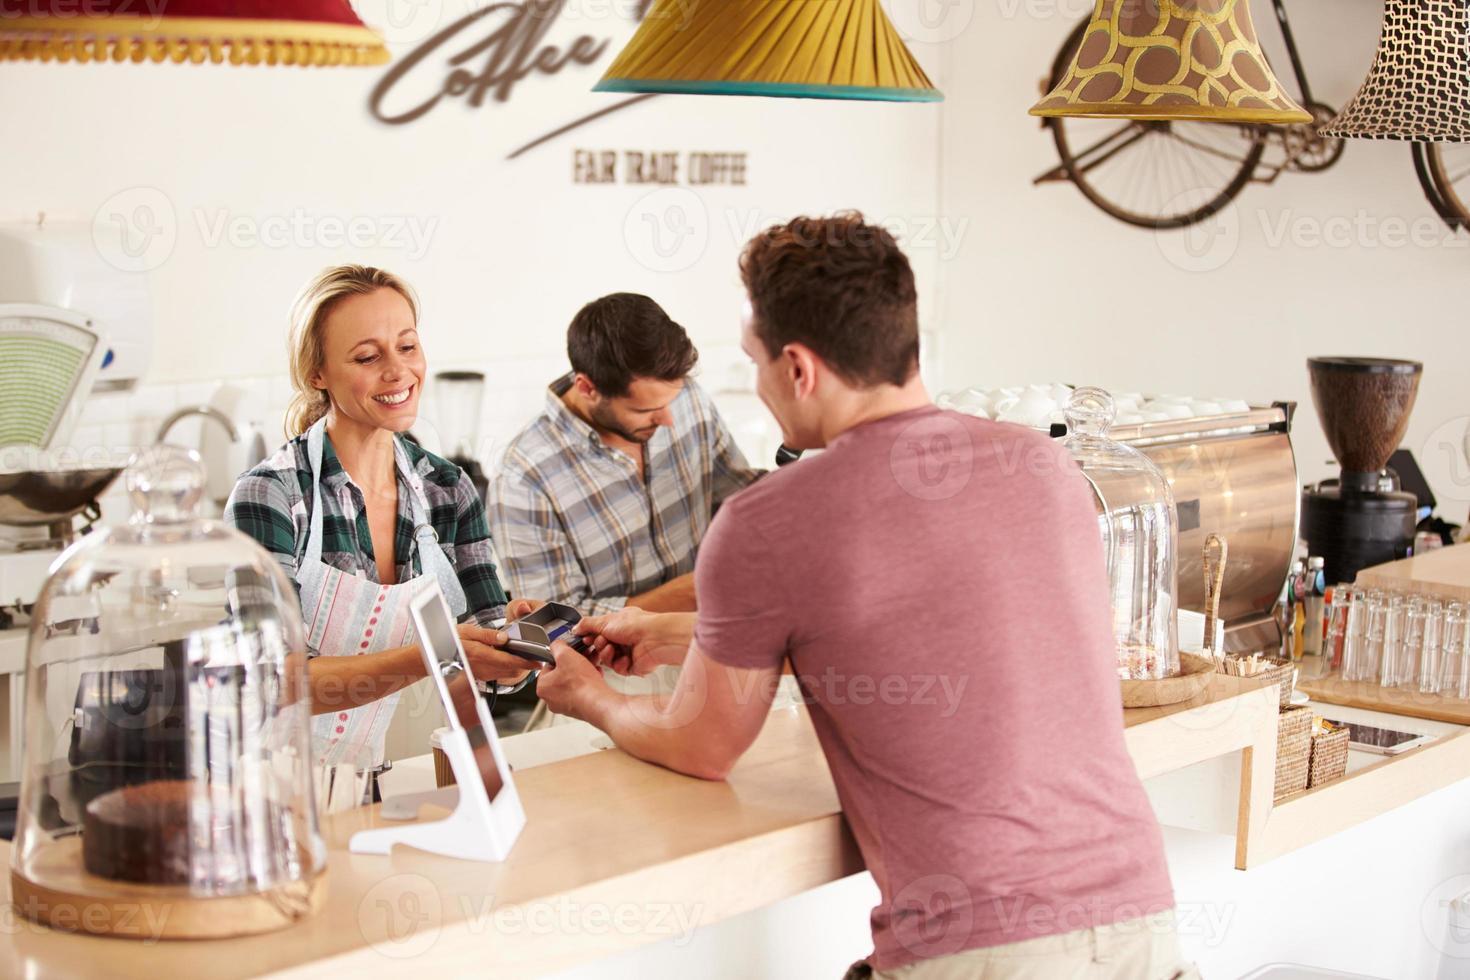 giovane che paga per il suo ordine in un caffè foto